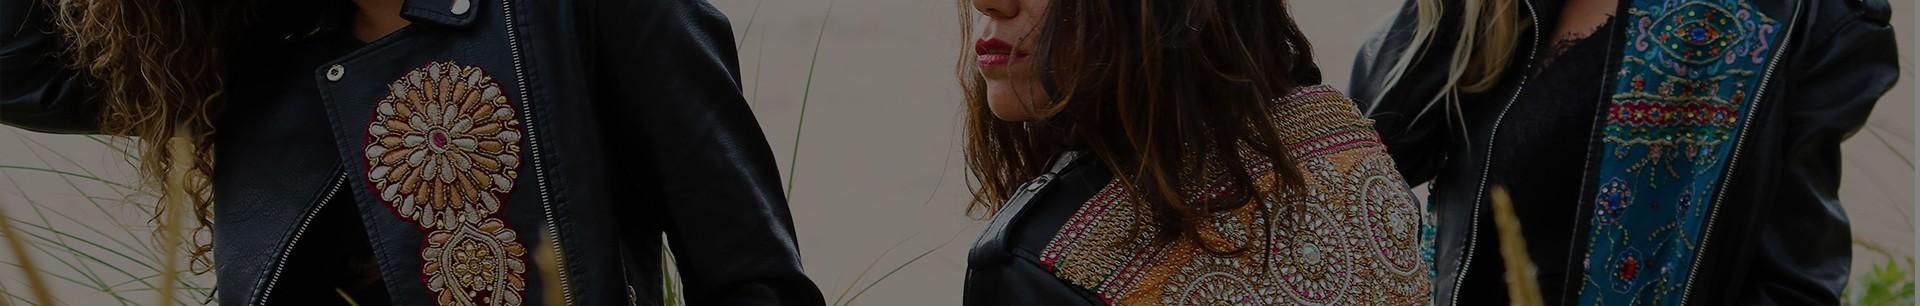 Chaqueta y Cazadora Motera vintage | Lakshmi Soul